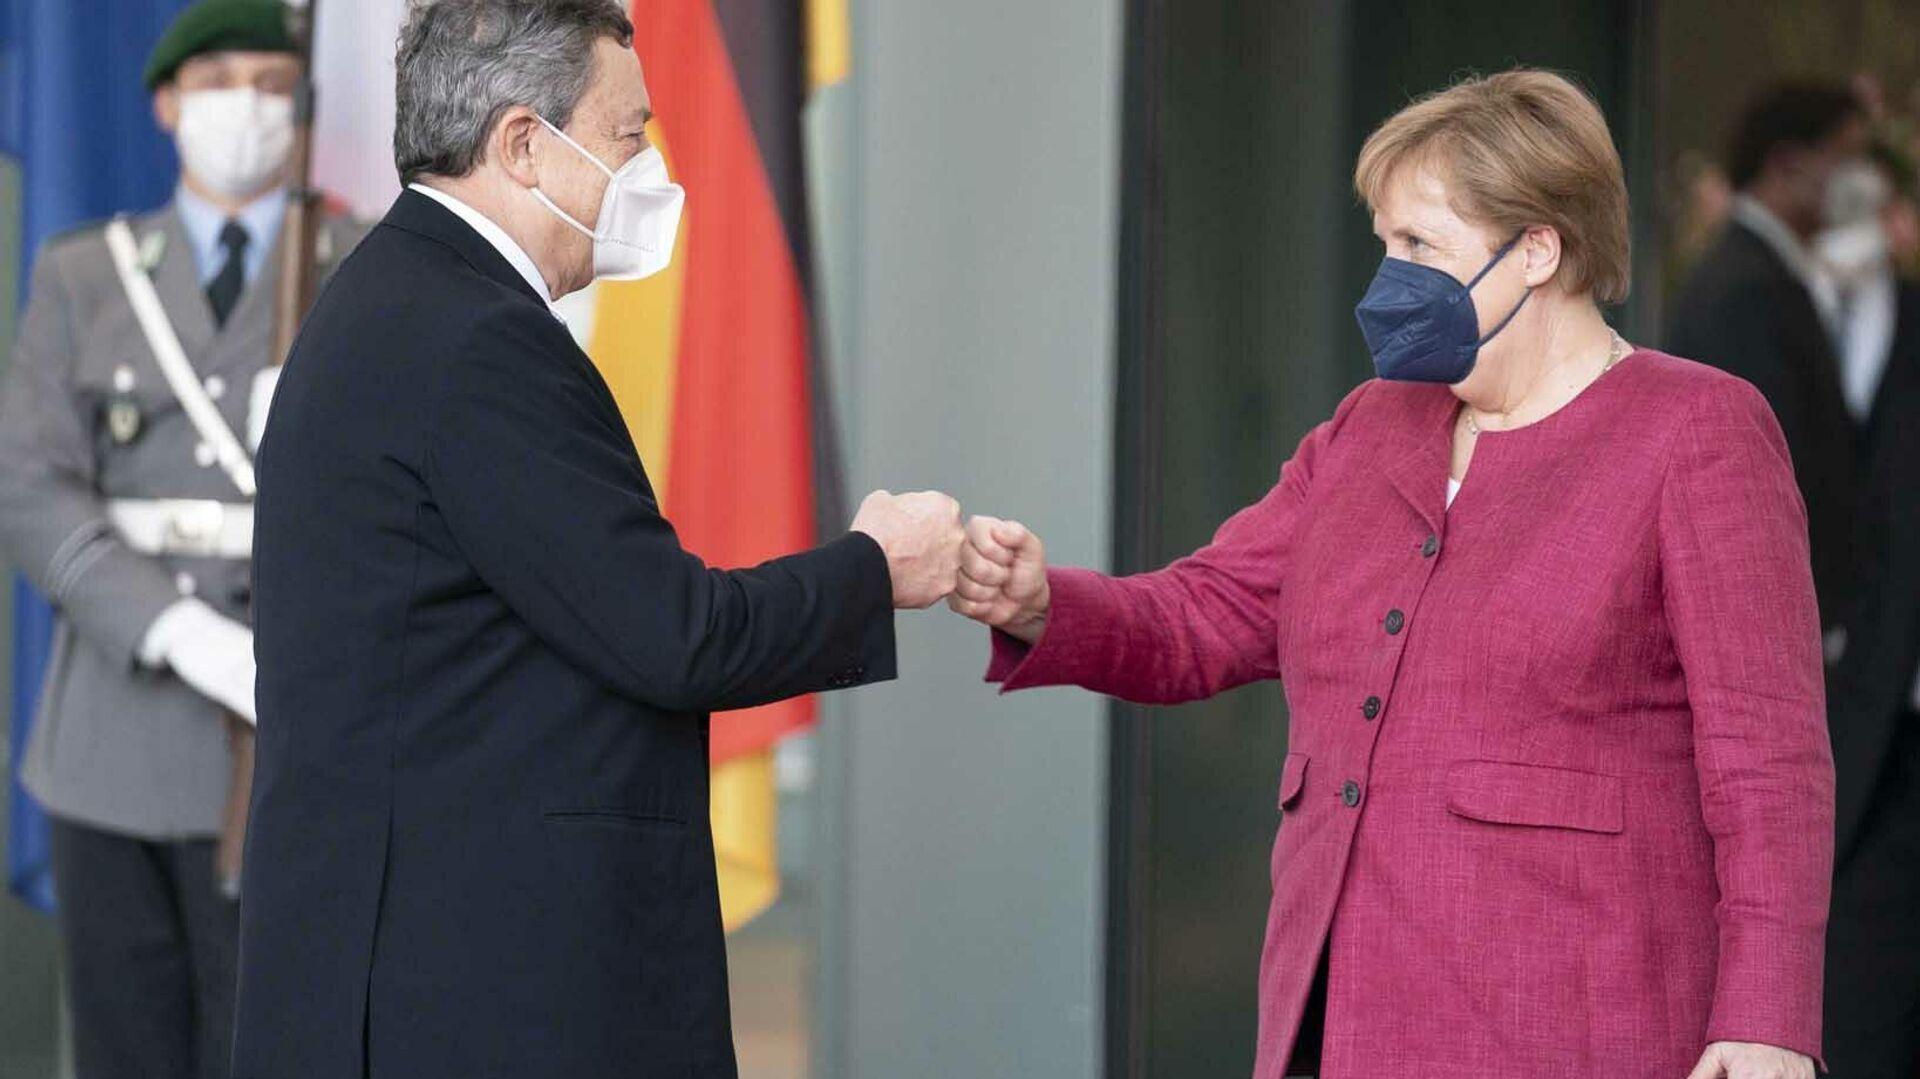 Il Presidente Draghi incontra la Cancelliera Merkel - Sputnik Italia, 1920, 27.09.2021